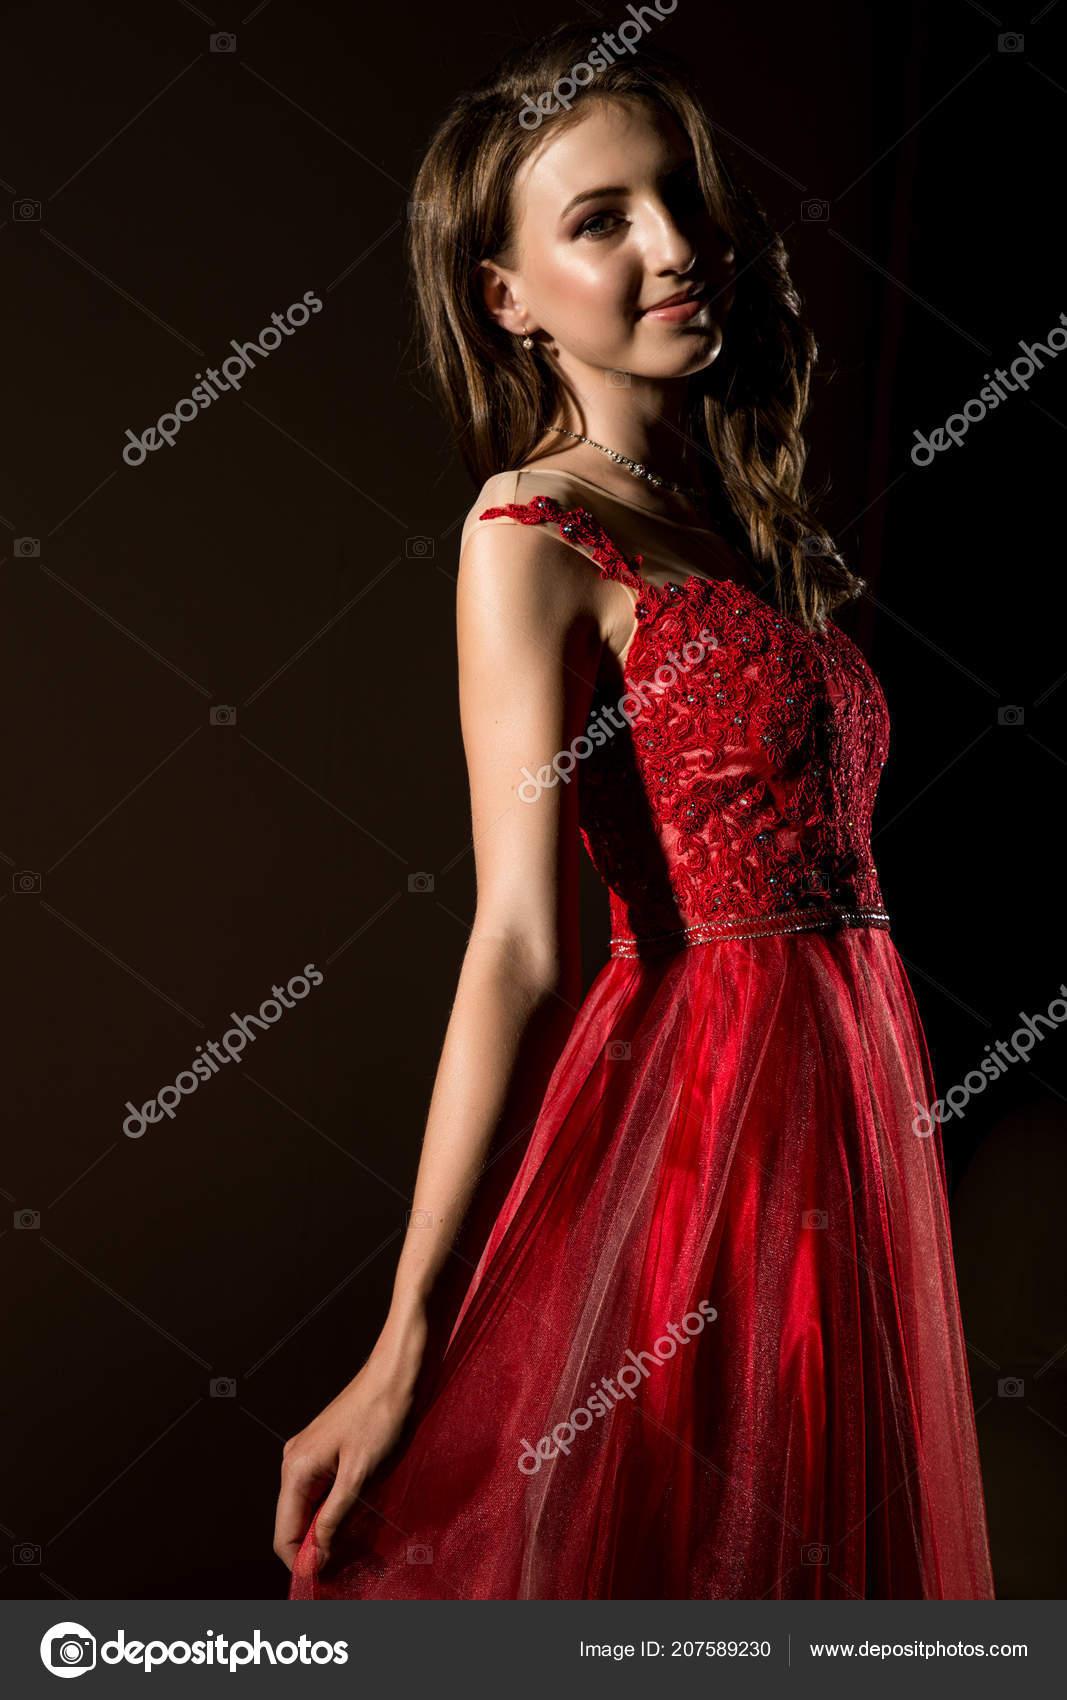 5d71a2ade Sensual bella mujer posando en vestido rojo de cuarto oscuro — Foto de  sandy-che.yandex.ru